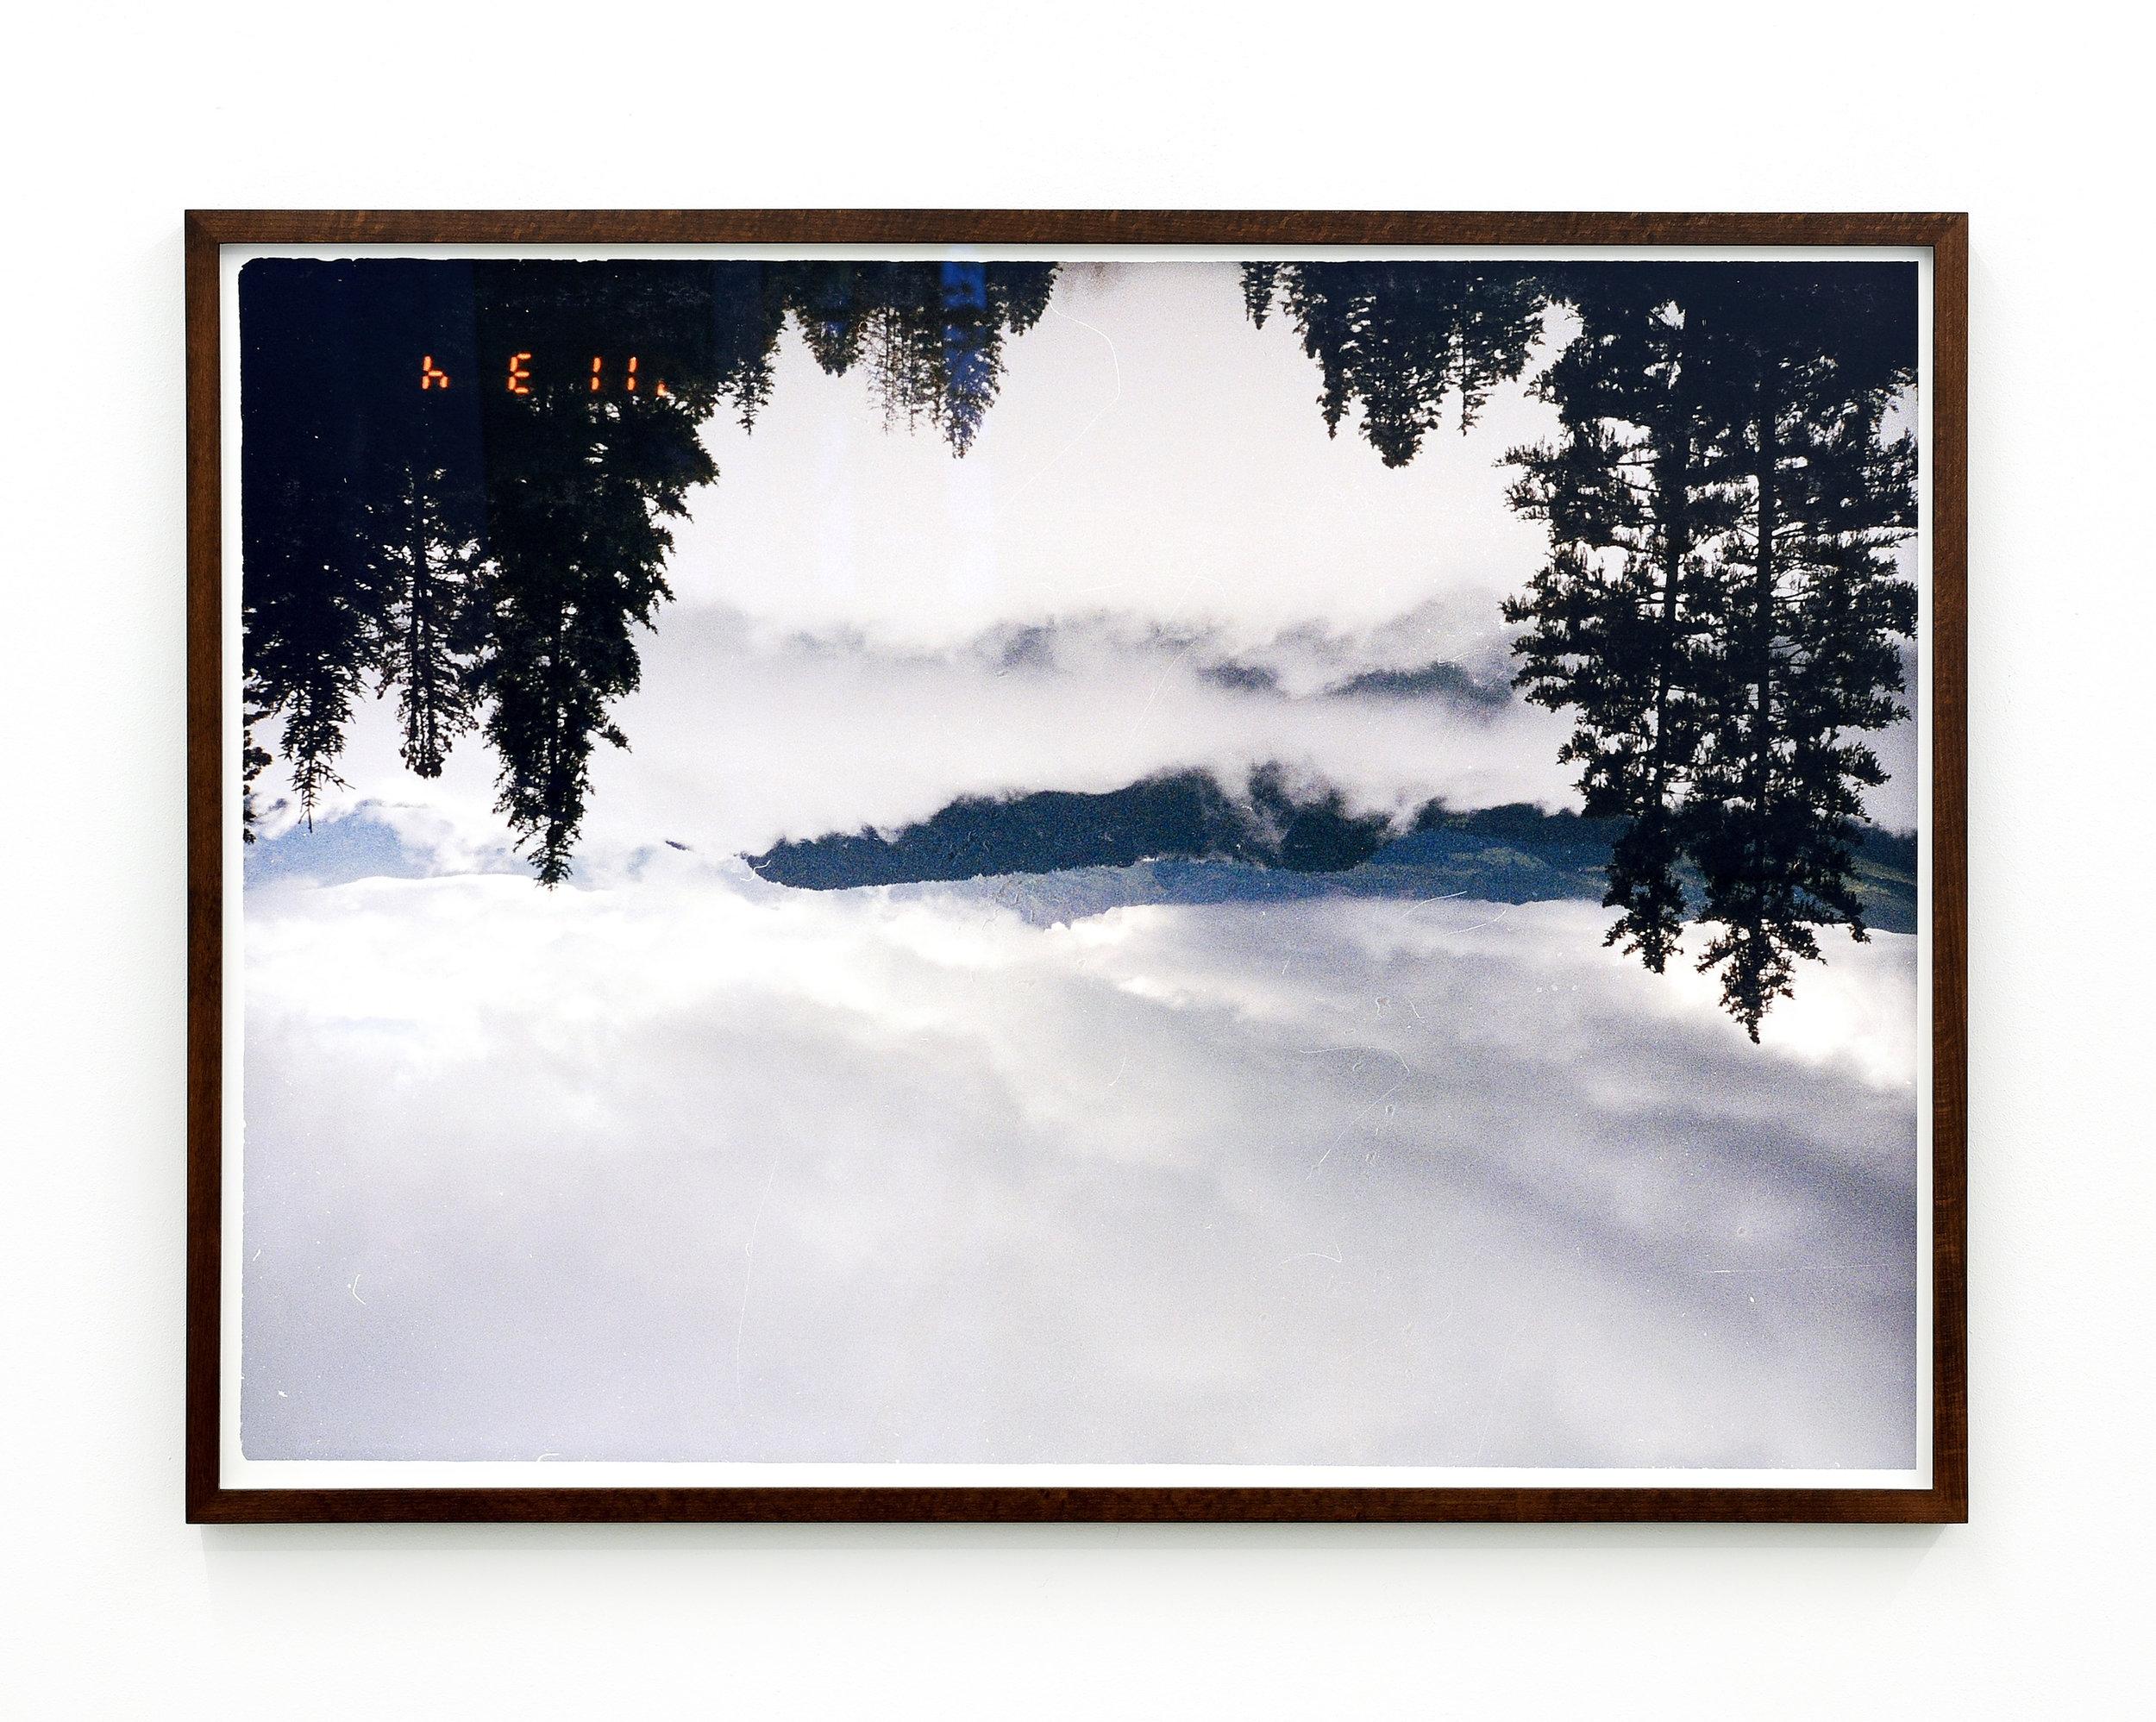 h E ll   2015  C-Print in Artist Frame  30 x 24 inches